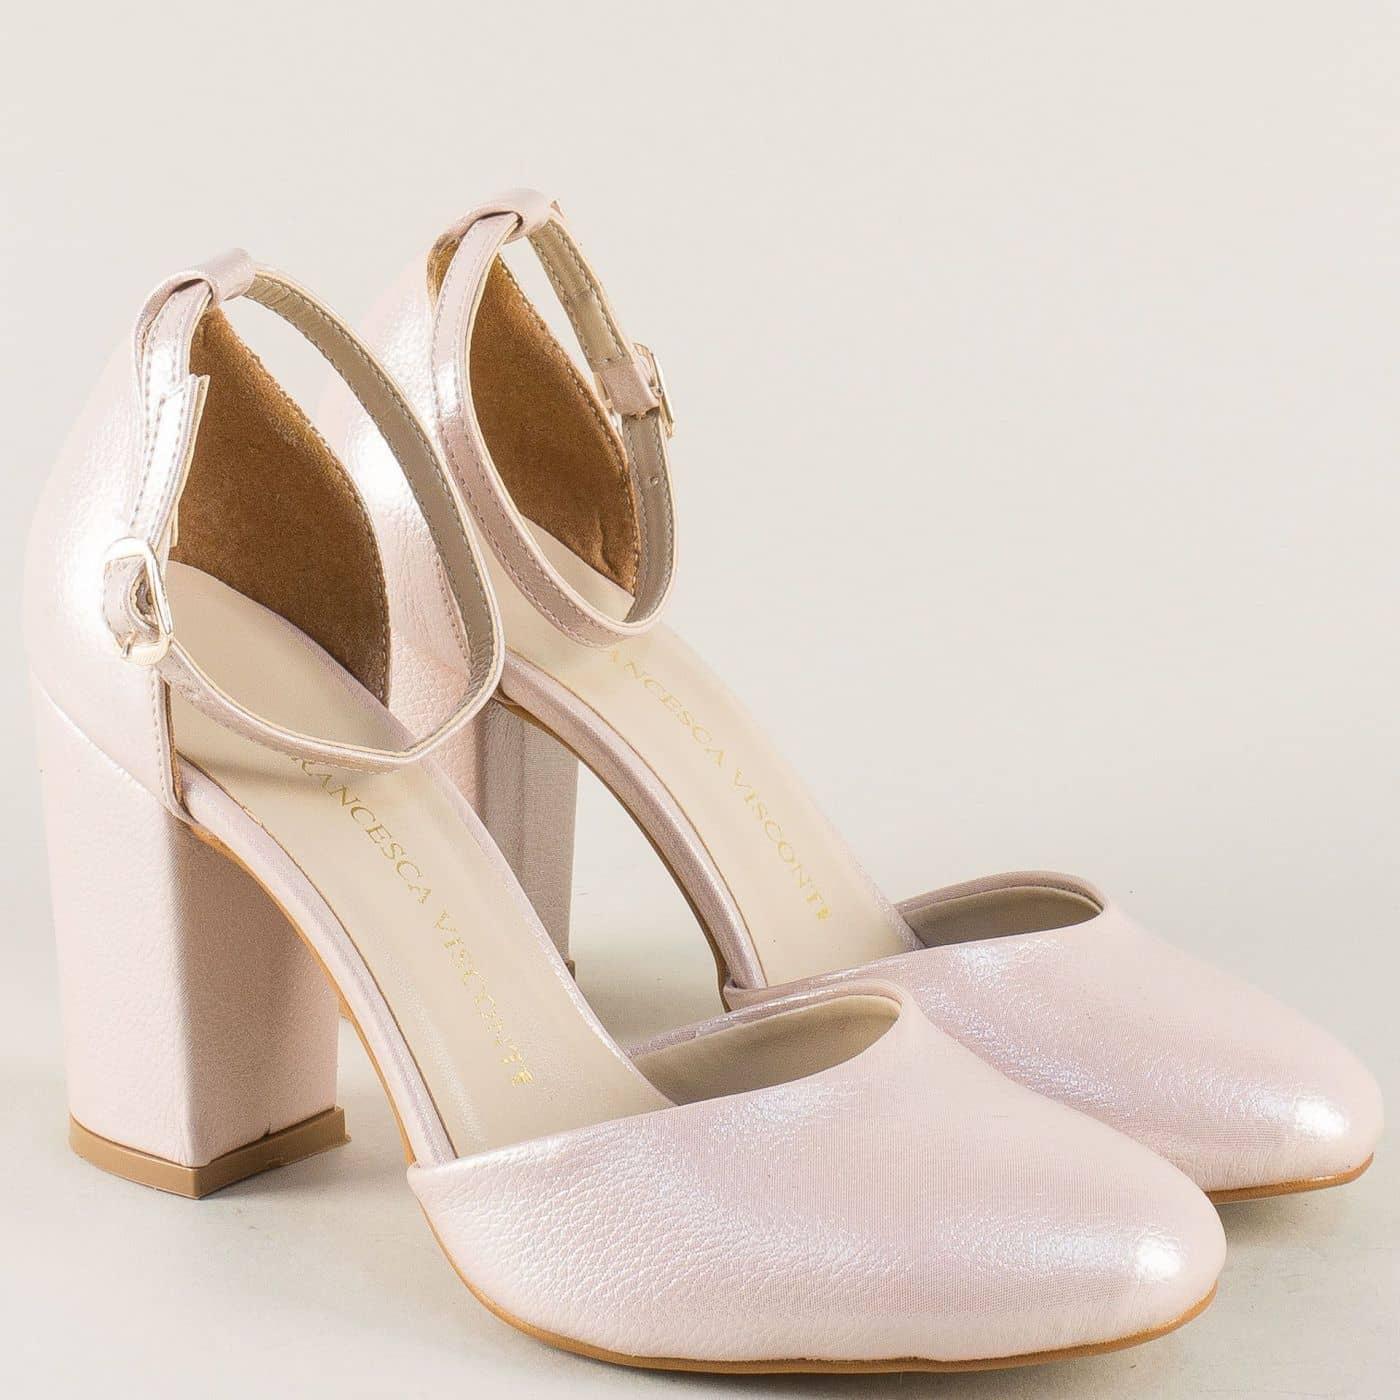 12baa6c4c3a Розови дамски сандали на висок ток с перлен блясък ma596rz - Sisi-bg.com